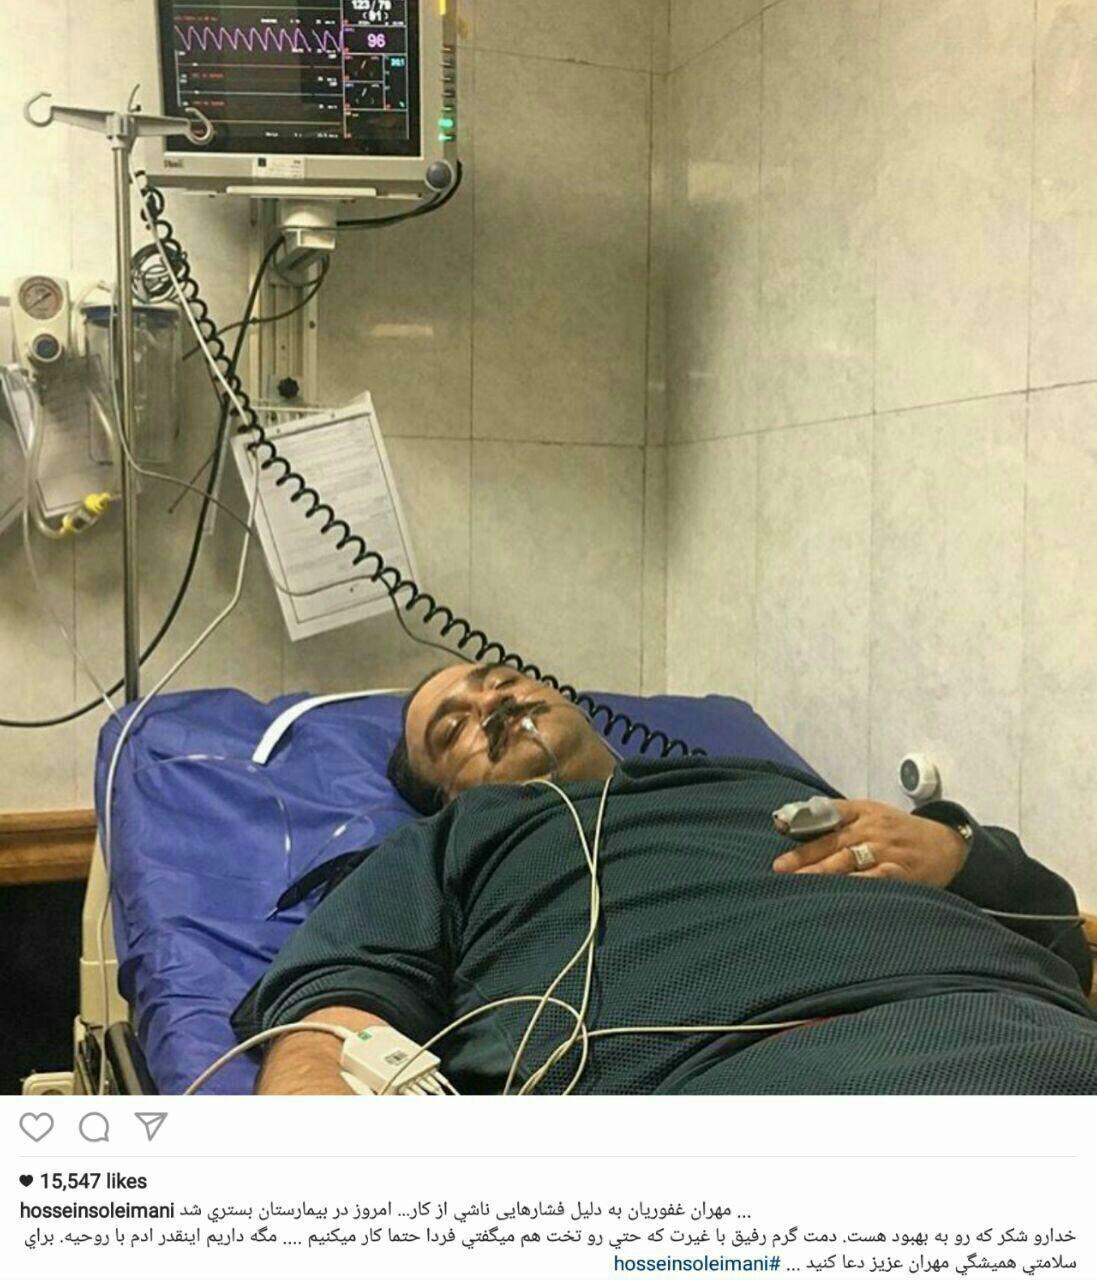 فشار کاری زیاد مهران غفوریان را راهی بیمارستان کرد +دلیل و جزئیات